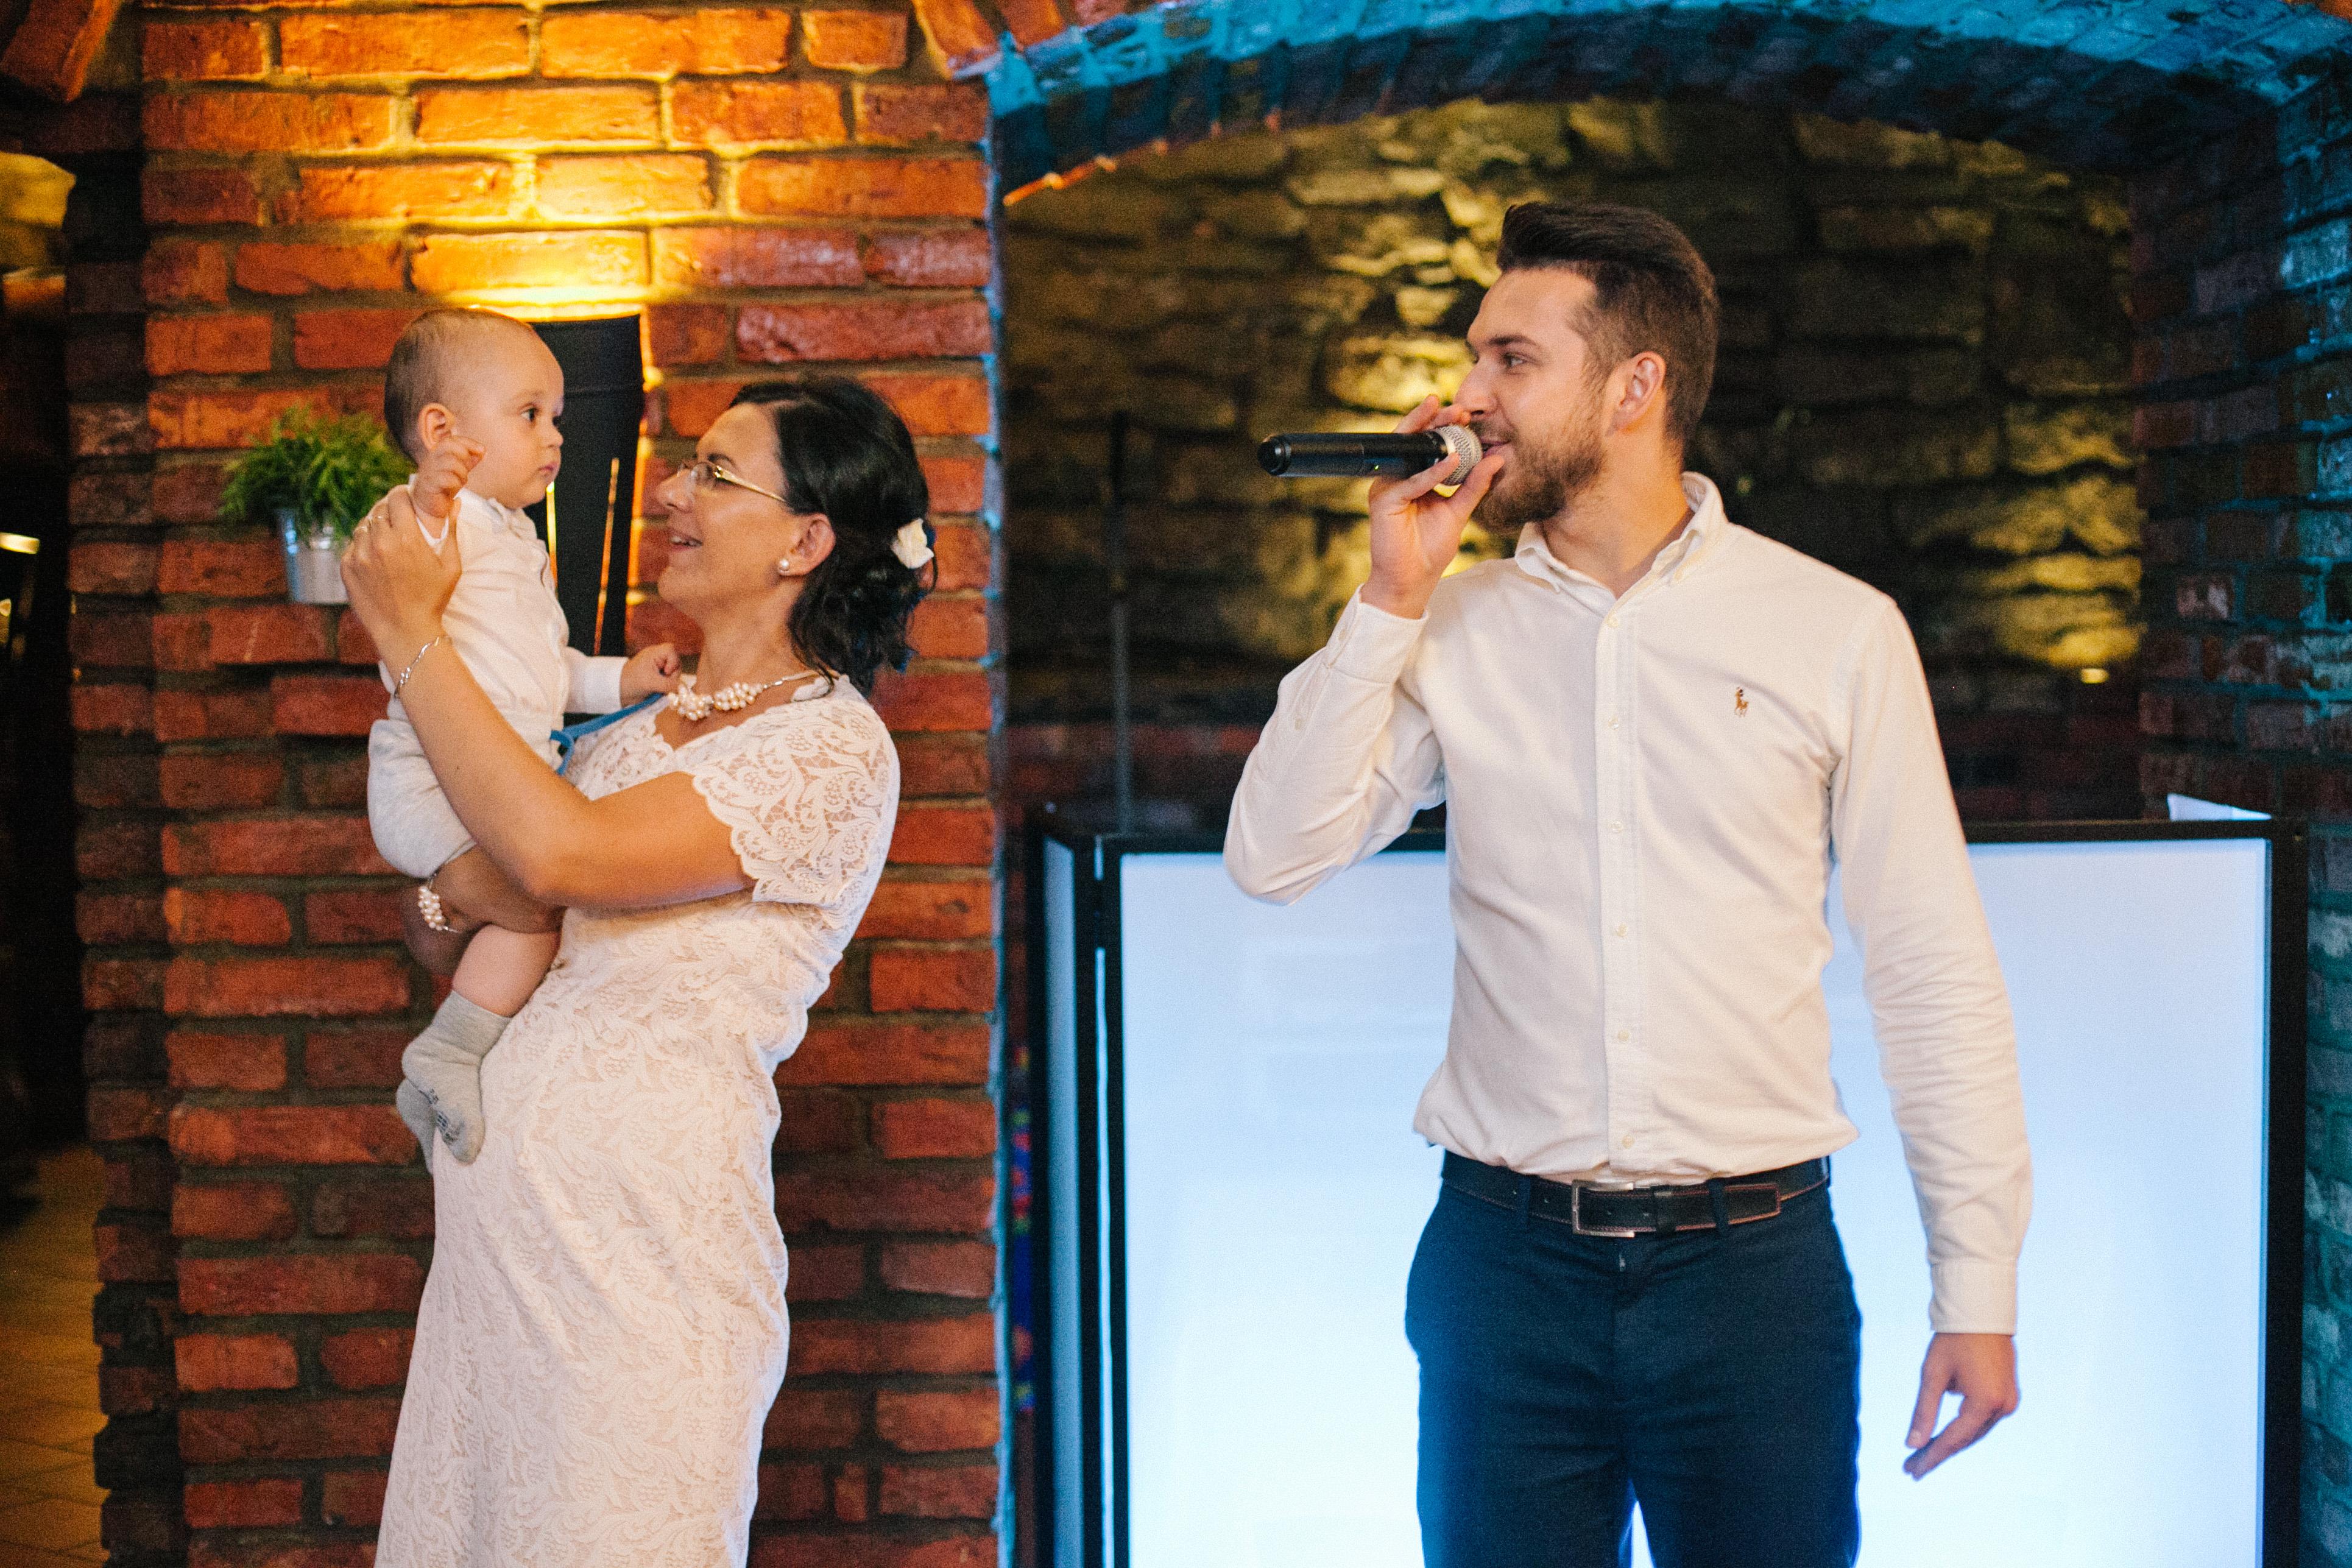 Pomysły na wesele, zabawy weselne. Wesele z DJem, animatorka dla dzieci